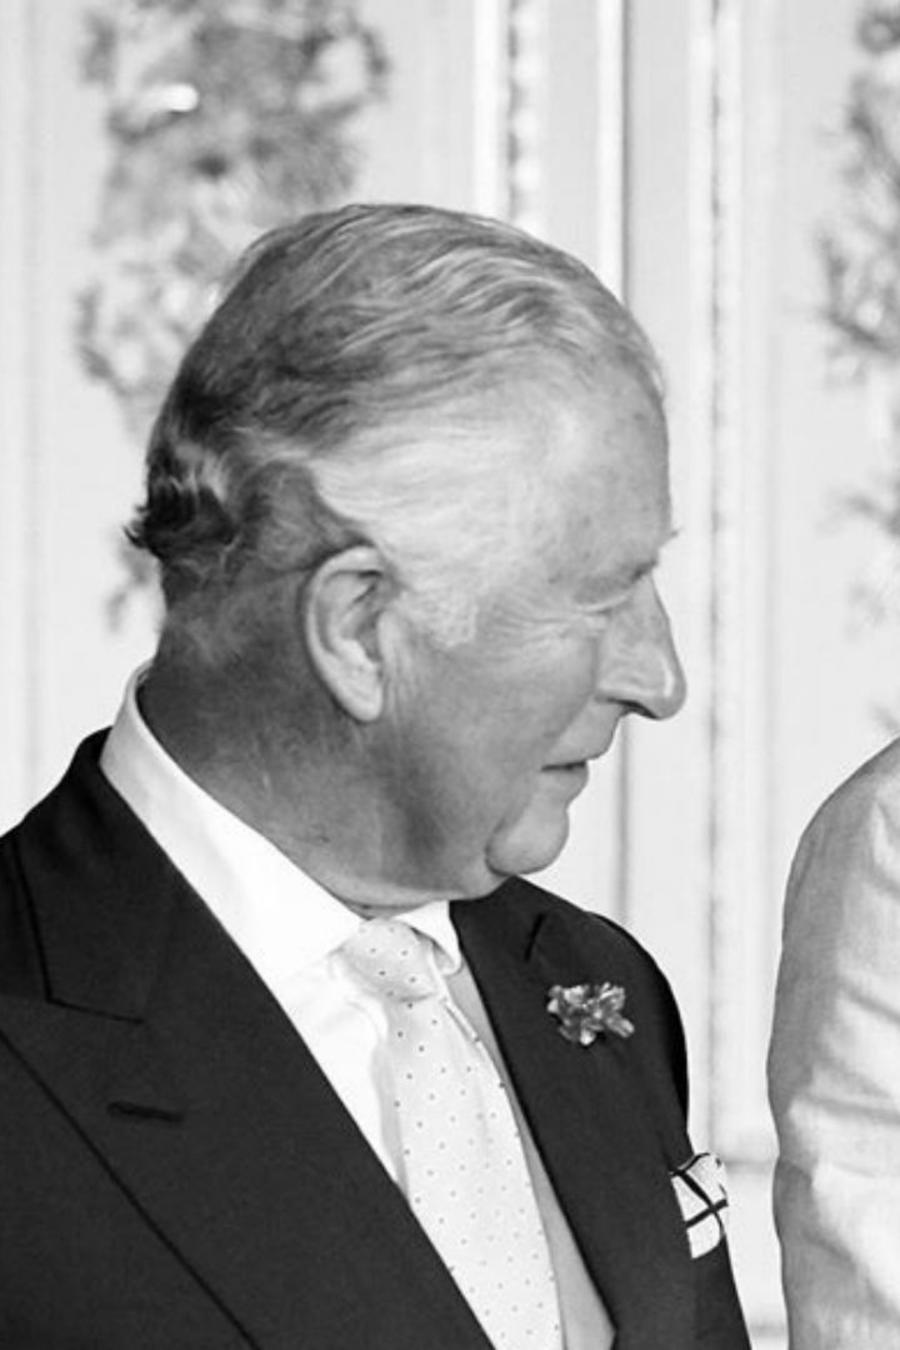 El príncipe Charles con su hijo, el príncipe Harry, y su nieto, Archie Harrison